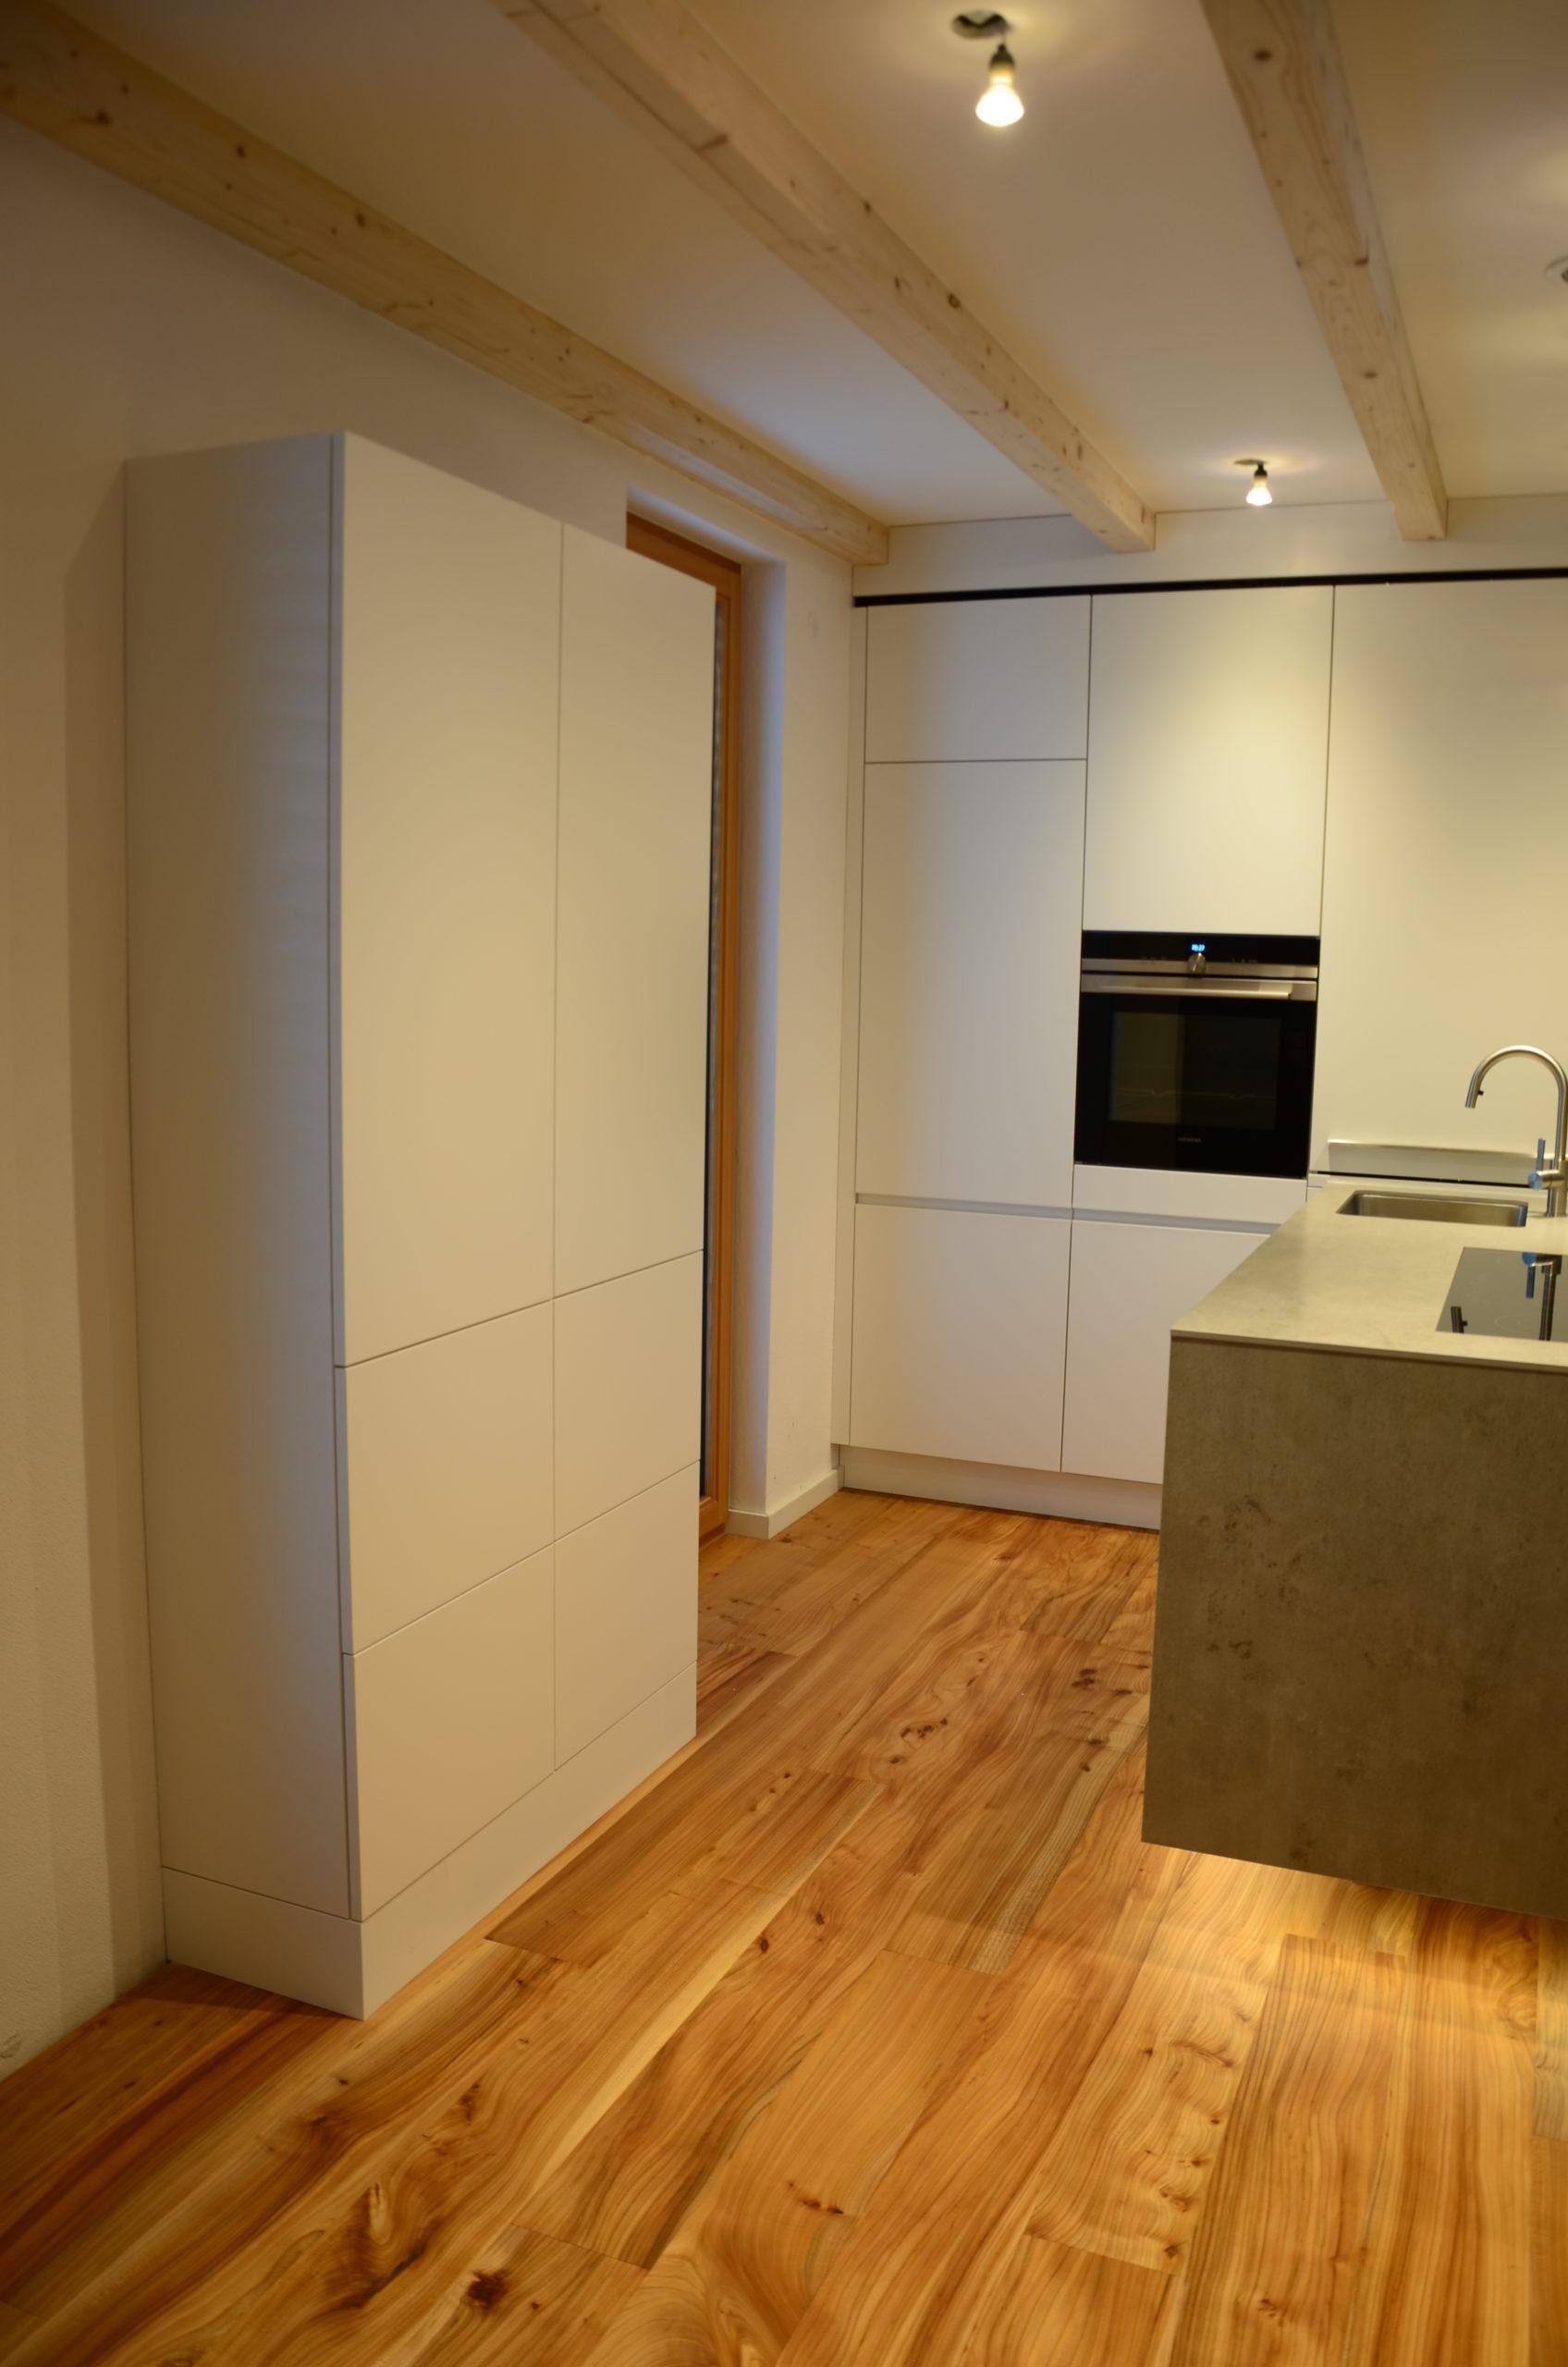 Full Size of Moderne Landhausküche Günstige Küche Mit E Geräten Büroküche Miniküche Kühlschrank Pendelleuchte Rückwand Glas Tresen Weiße Ausstellungsstück Wohnzimmer Beleuchtung Küche